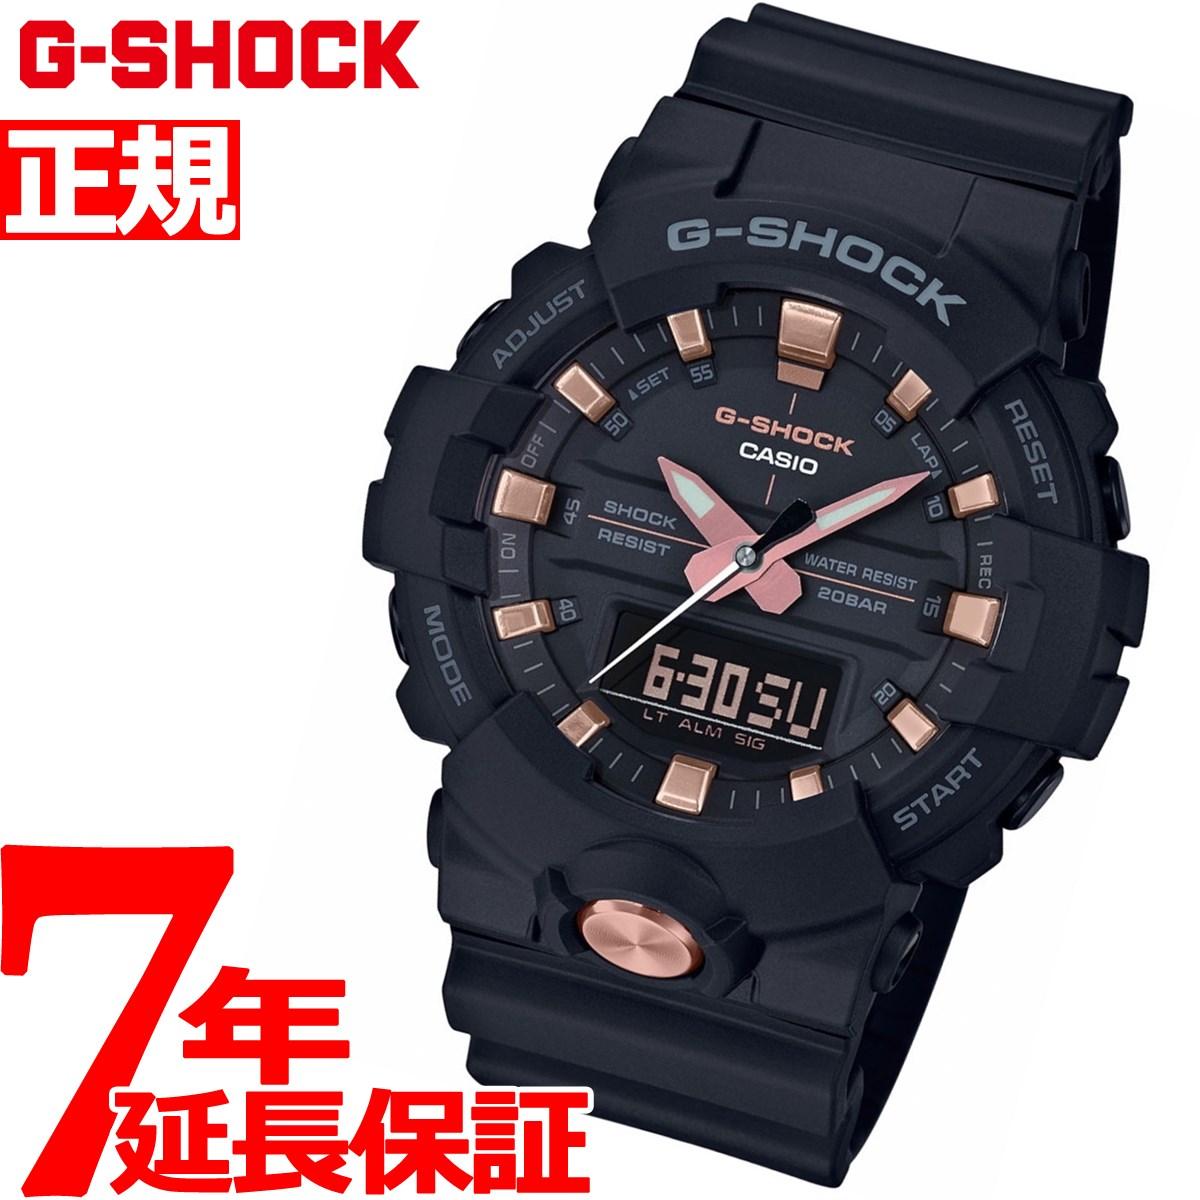 G-SHOCK アナデジ メンズ 腕時計 BLACK & GOLD CASIO GA-810B-1A4JF【2018 新作】